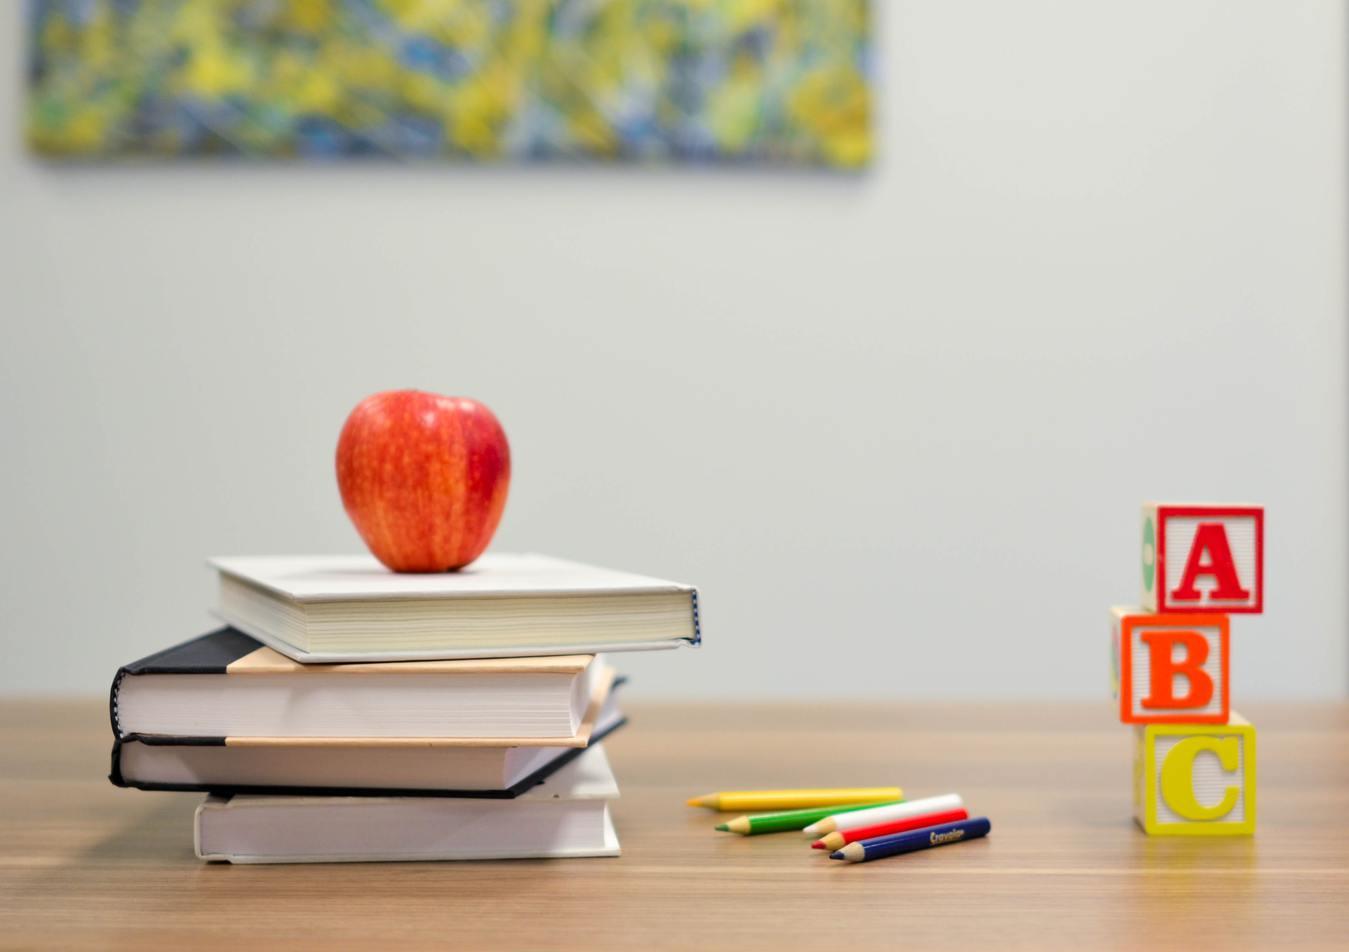 buku, pena, apel, dan balok abc di atas meja